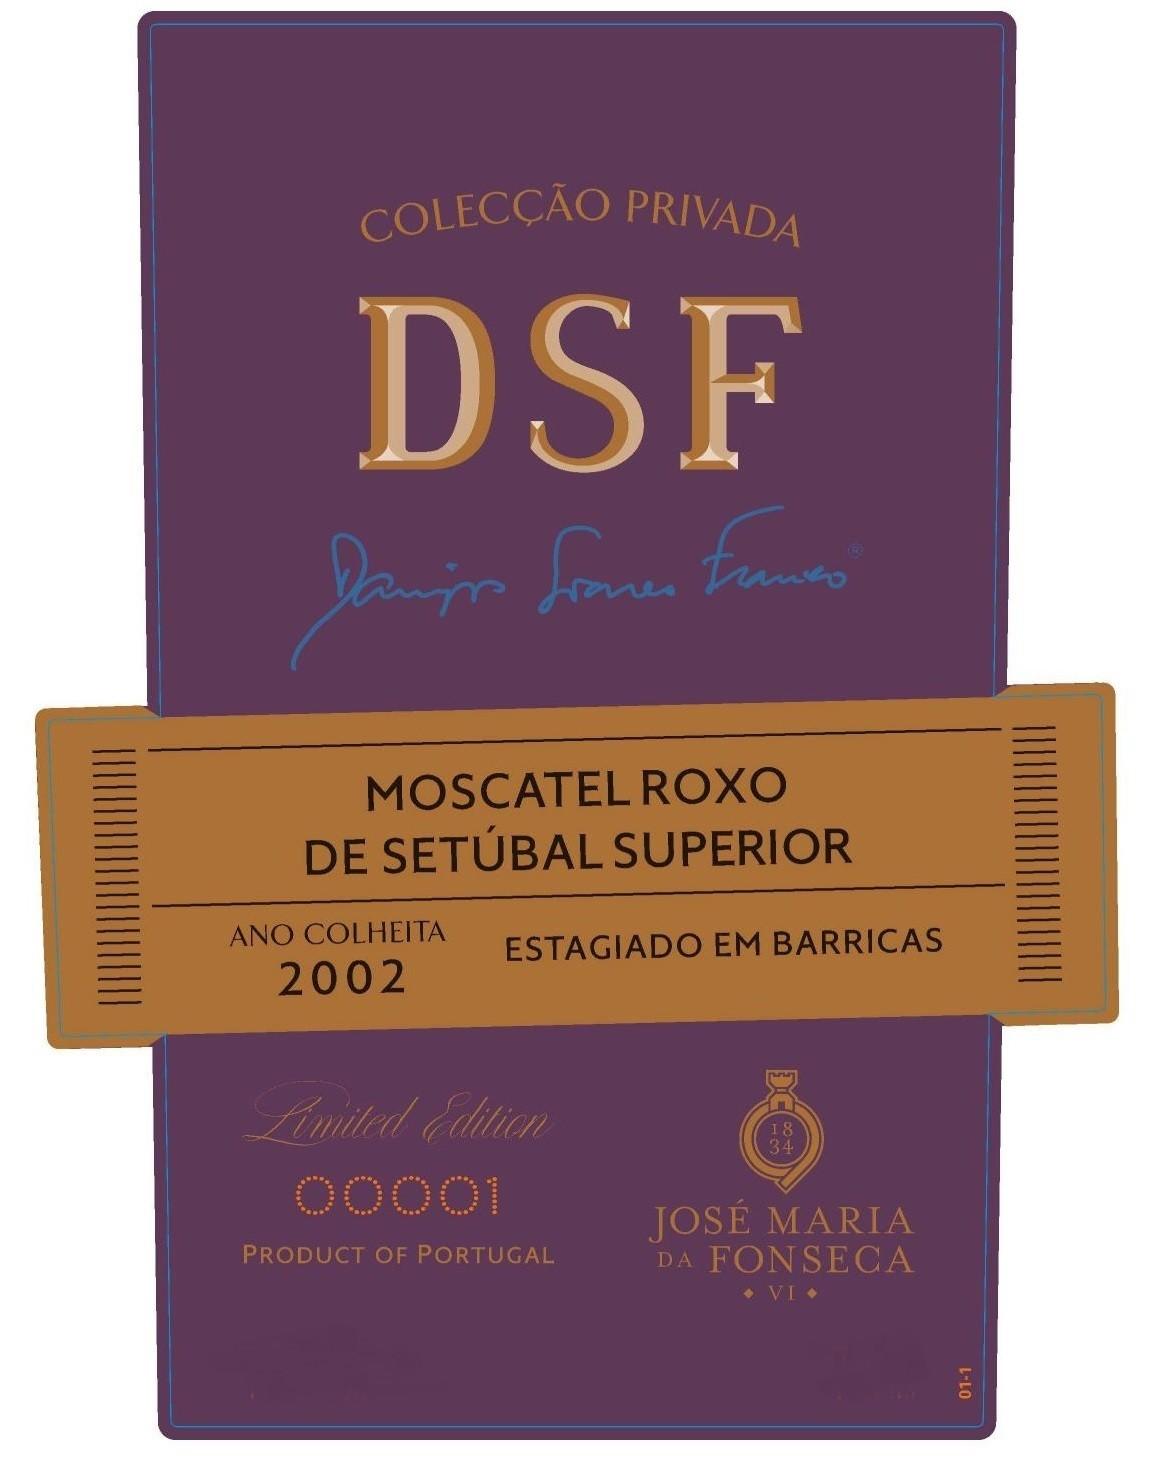 Moscatel De Setubal Purple Label